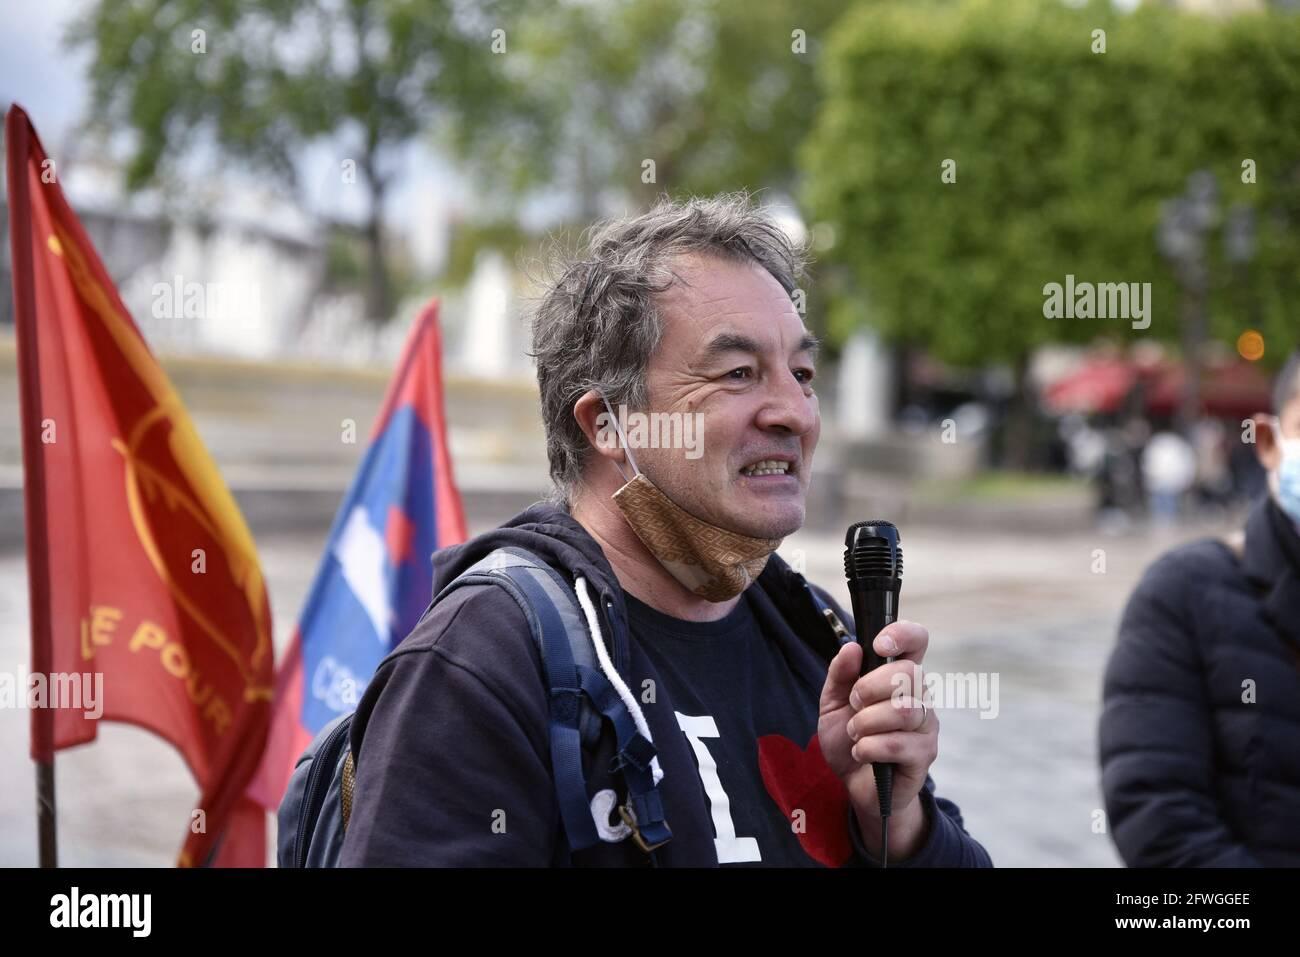 Co-fondatore della ONG Green Lotus, Jean-Marc Brulé durante il rally per una democrazia in Myanmar e contro il colpo di stato militare, presso l'Hôtel de Ville a Parigi, Francia, il 22 maggio 2021. Foto di Patrice Pierrot/Avenir Pictures/ABACAPRESS.COM Foto Stock